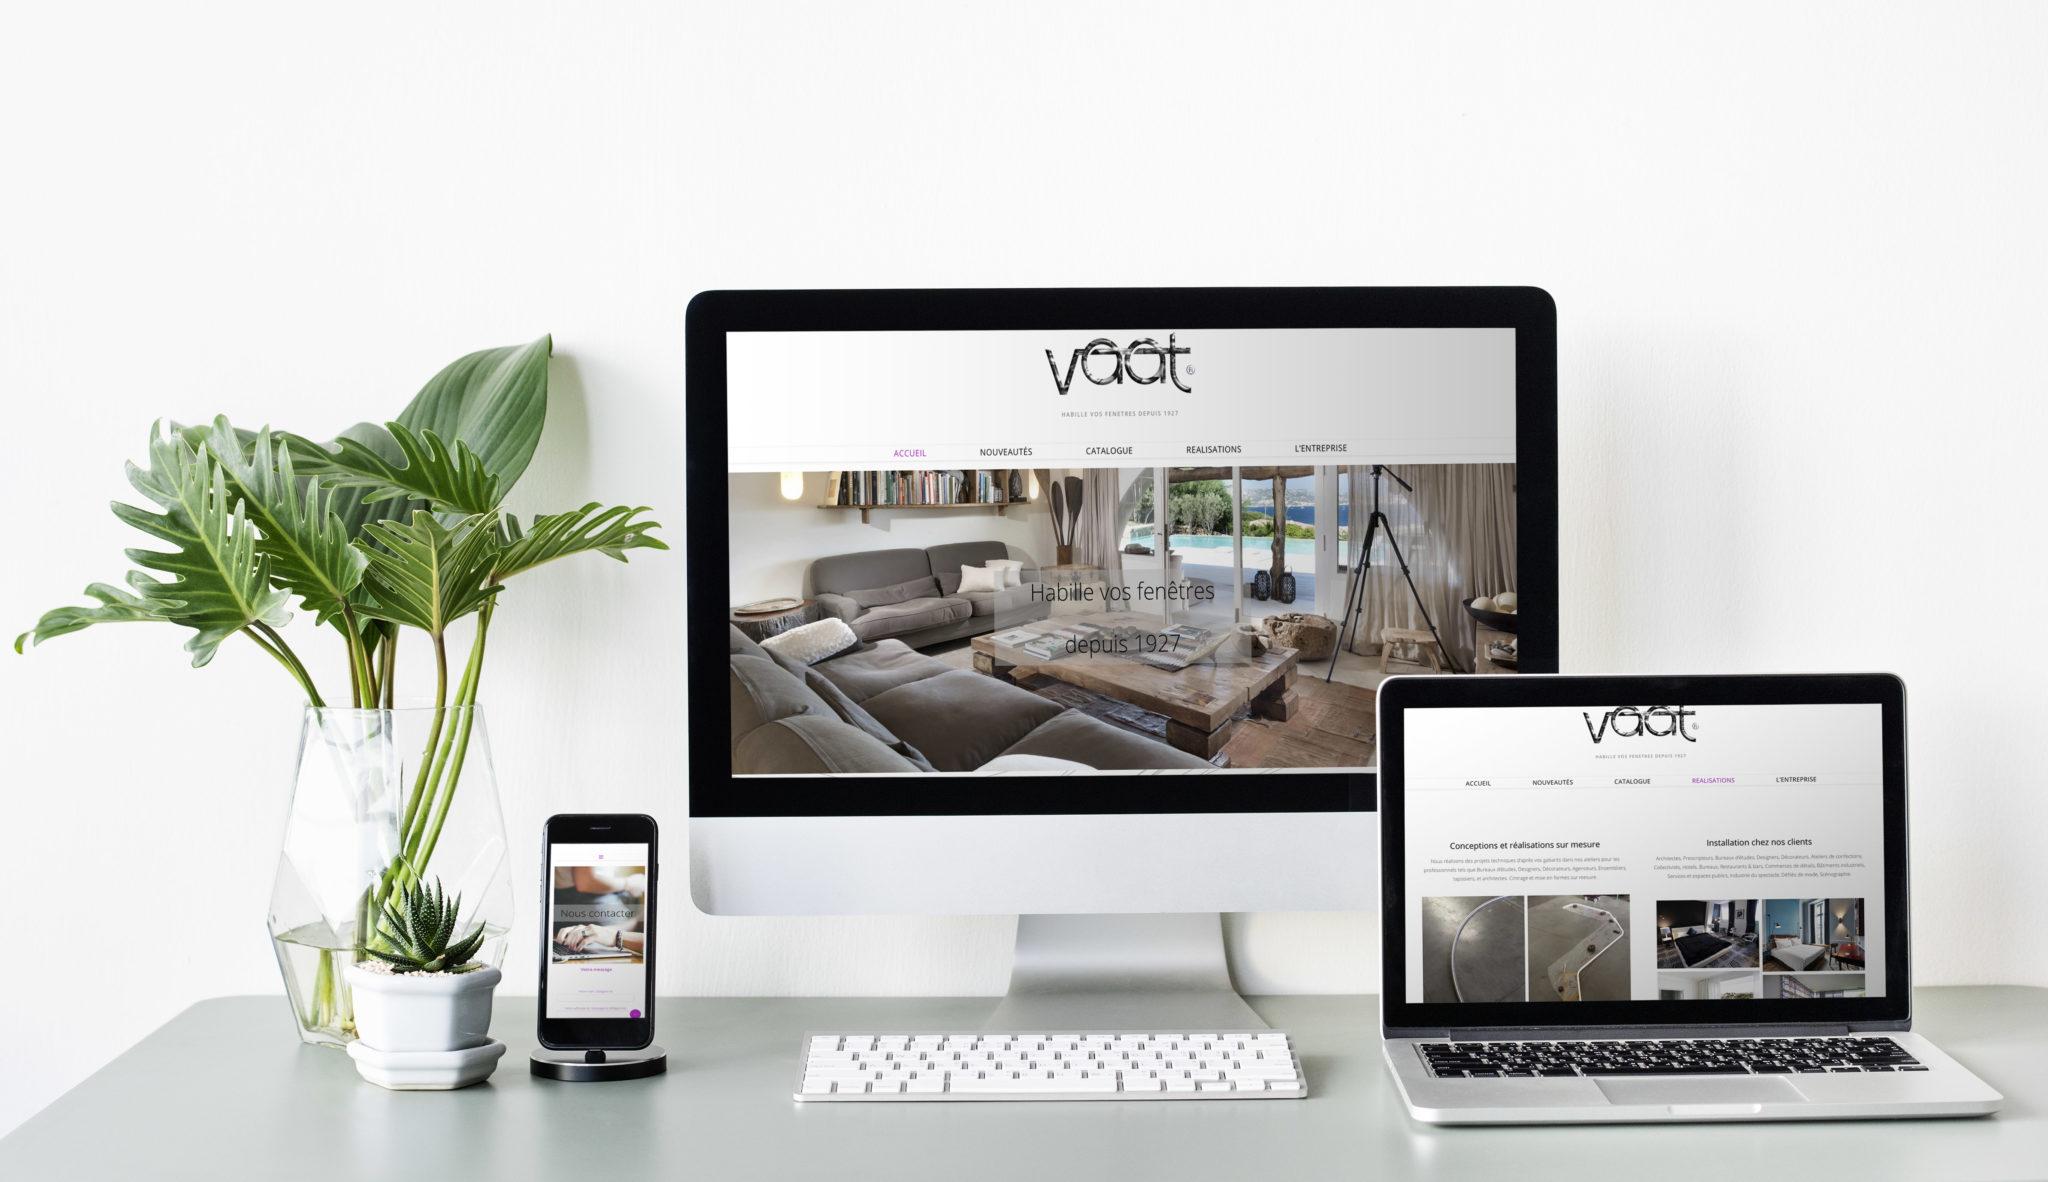 Site vitrine pour l'entreprise Vaat sur wordpress https://vaat.net